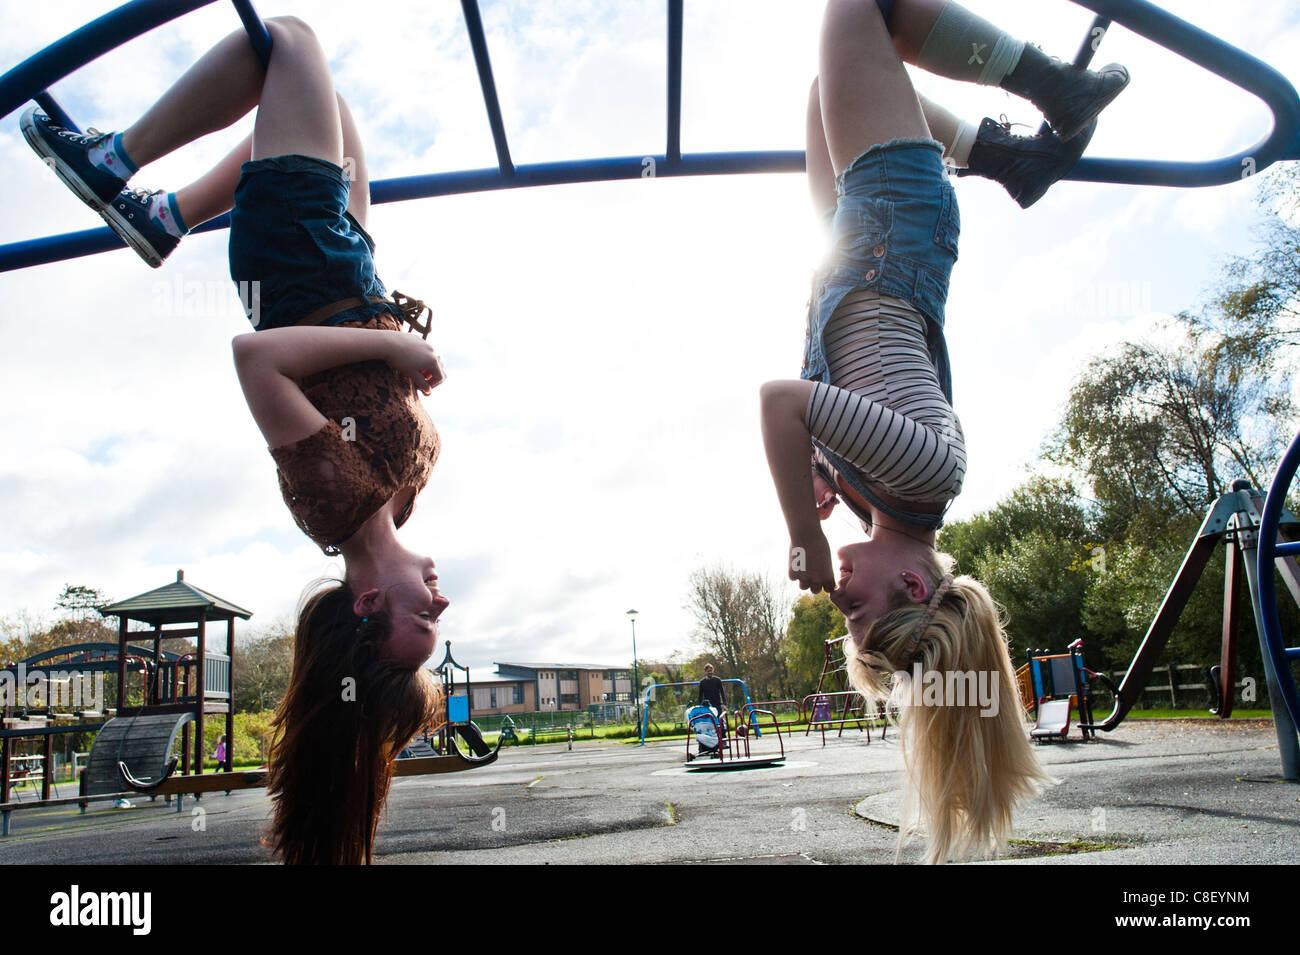 Deux 16 ans 17 Adolescentes, tête en bas dans une aire de jeux, UK Photo Stock